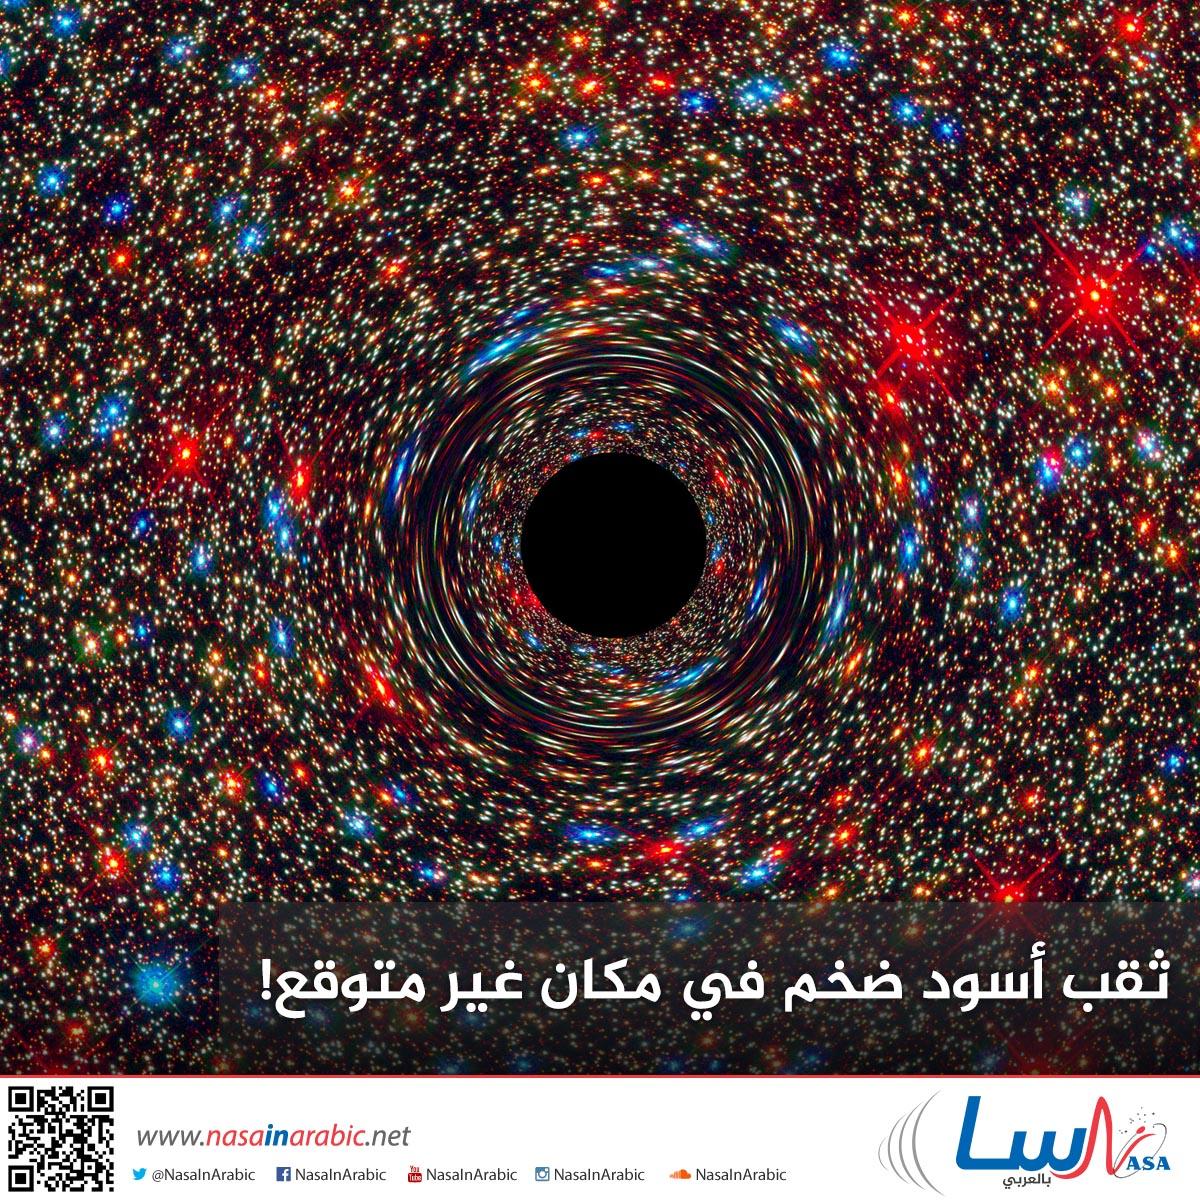 ثقب أسود ضخم في مكان غير متوقع!